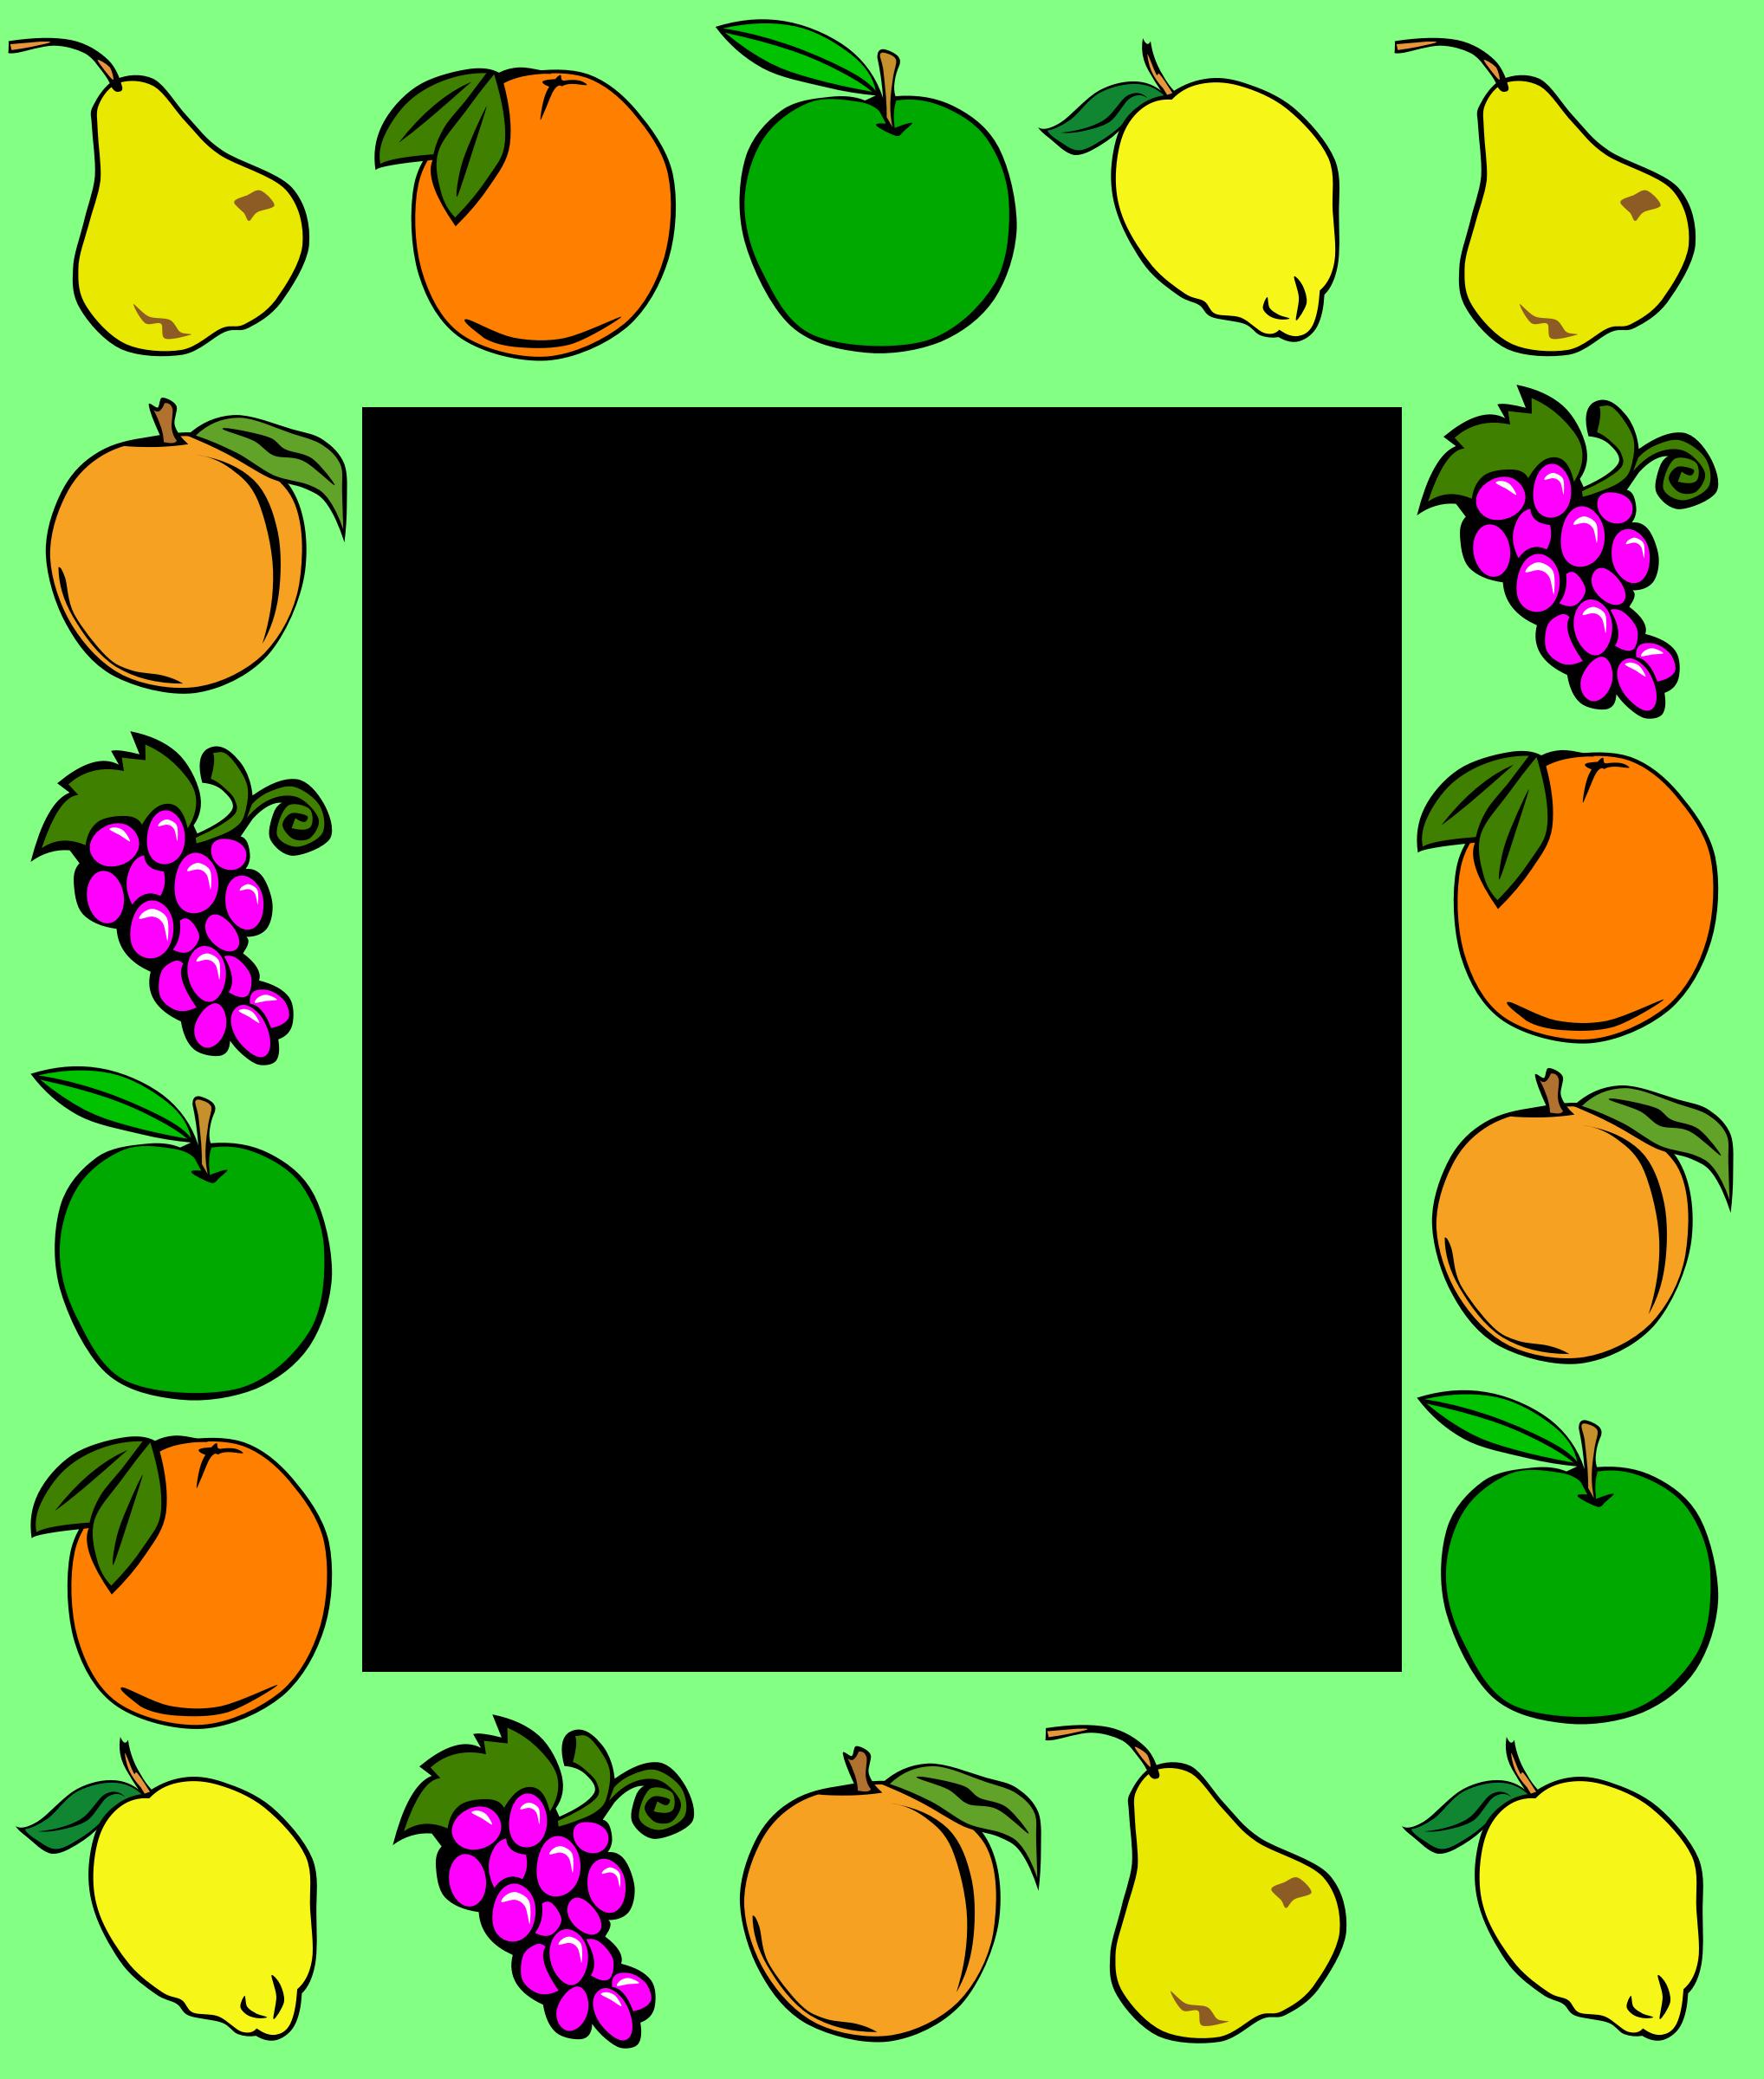 Big image png. Clipart fruit frame